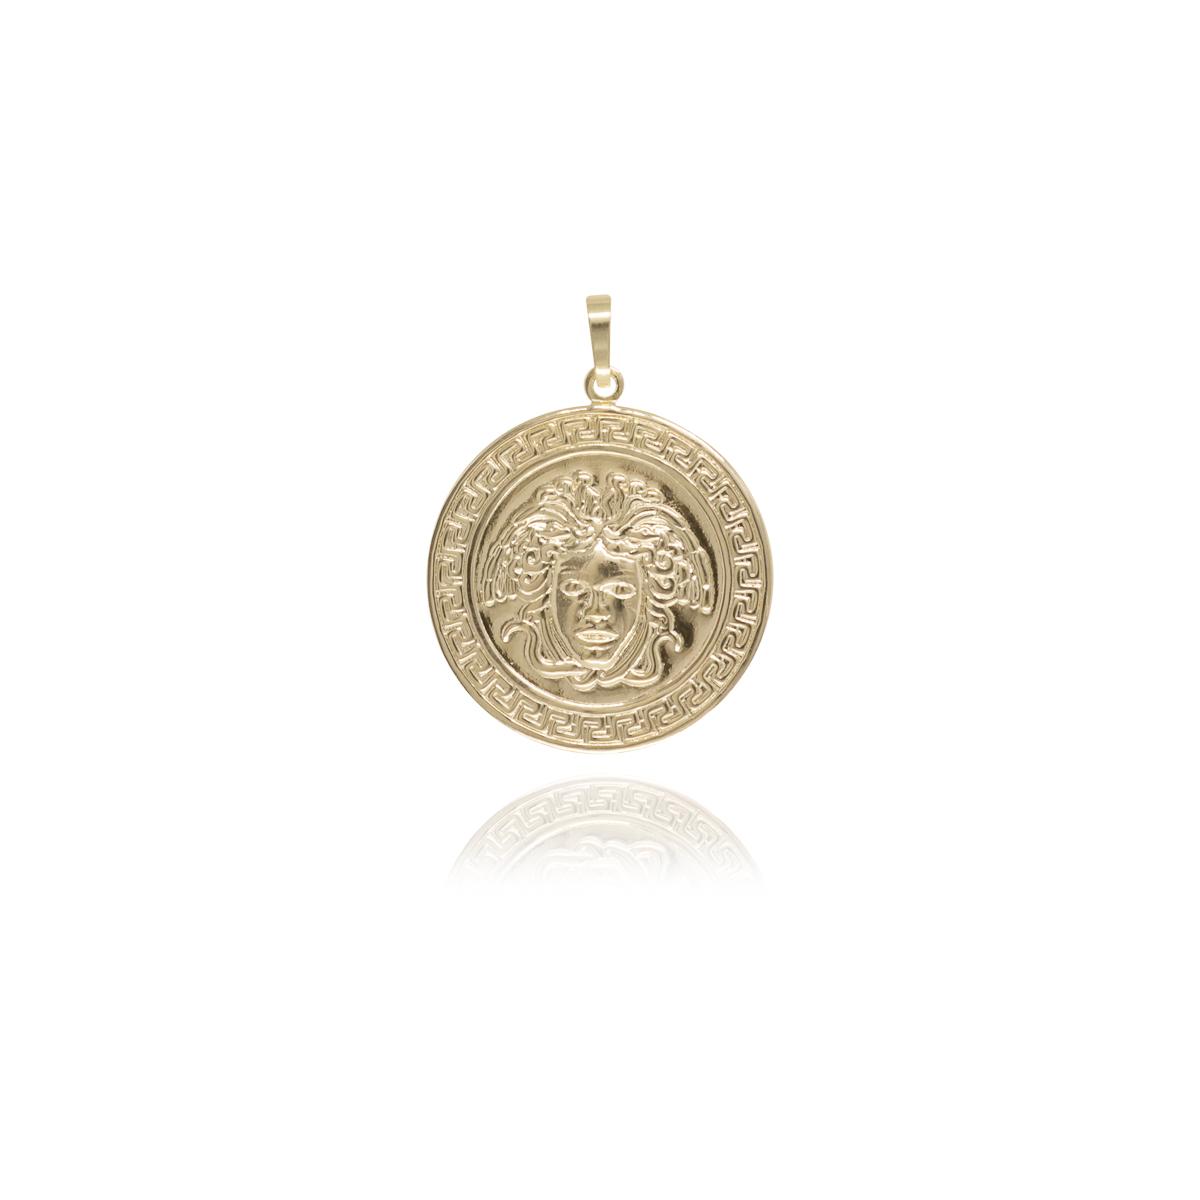 Pingente semijoia Medalha Medusa folheado a ouro 18k / ródio